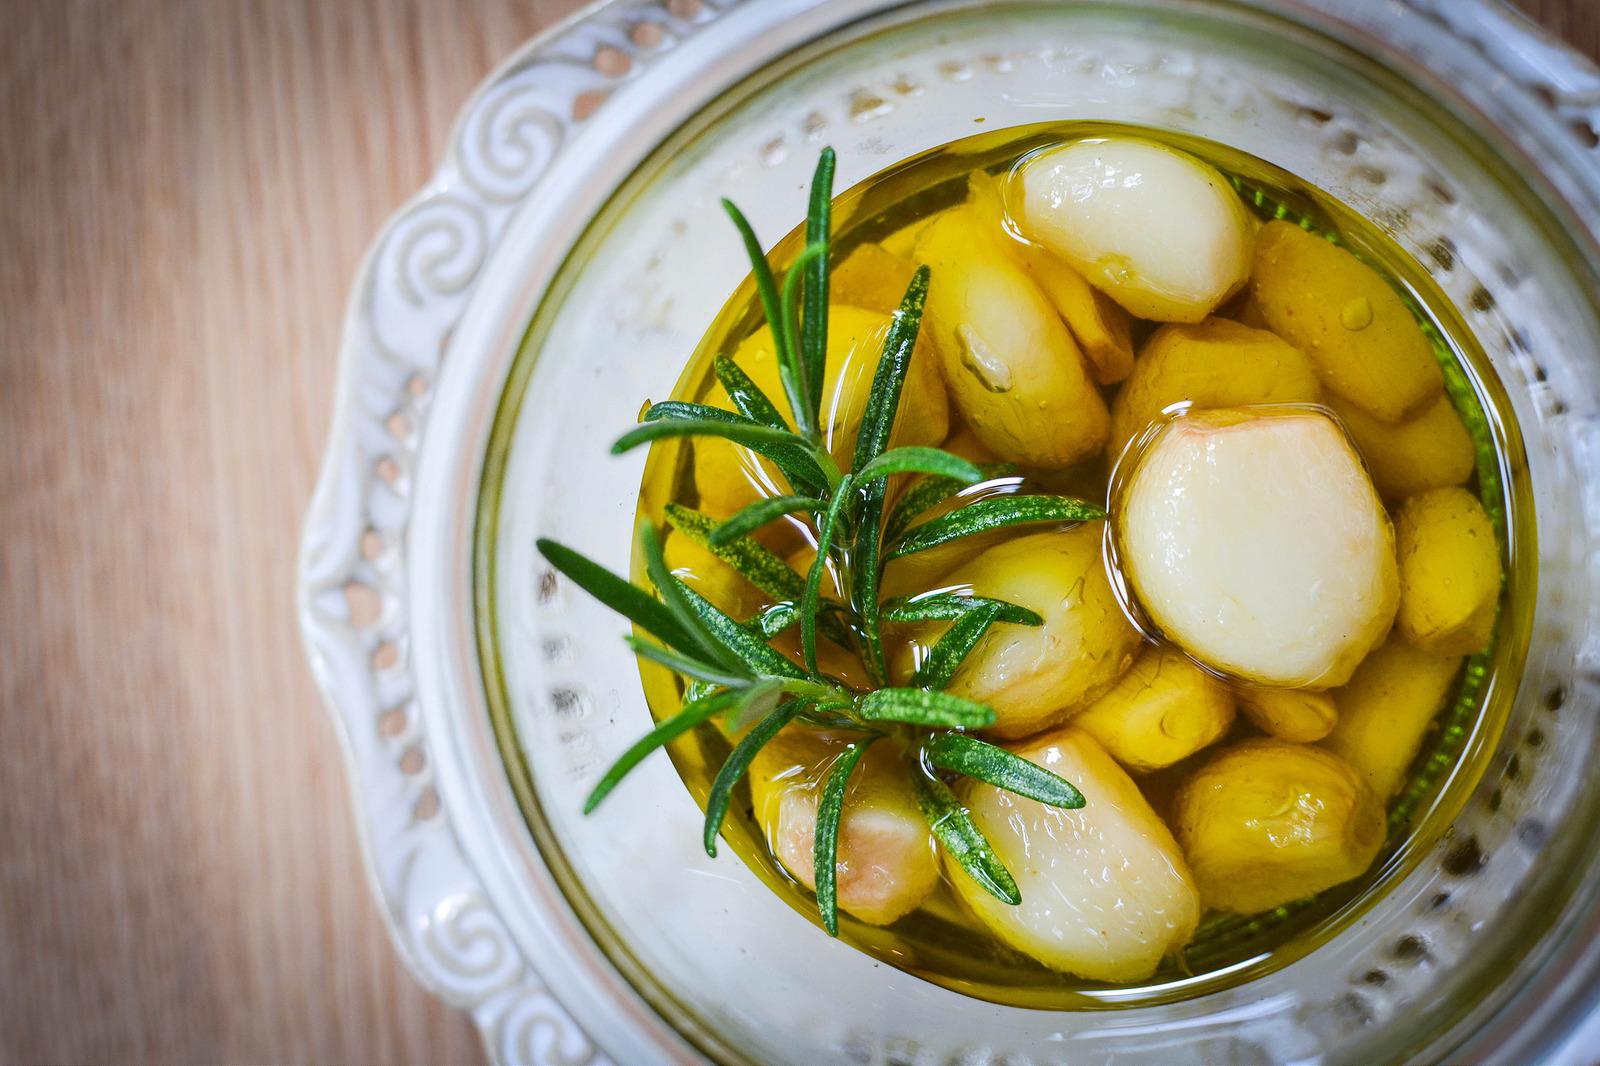 Confit Garlic